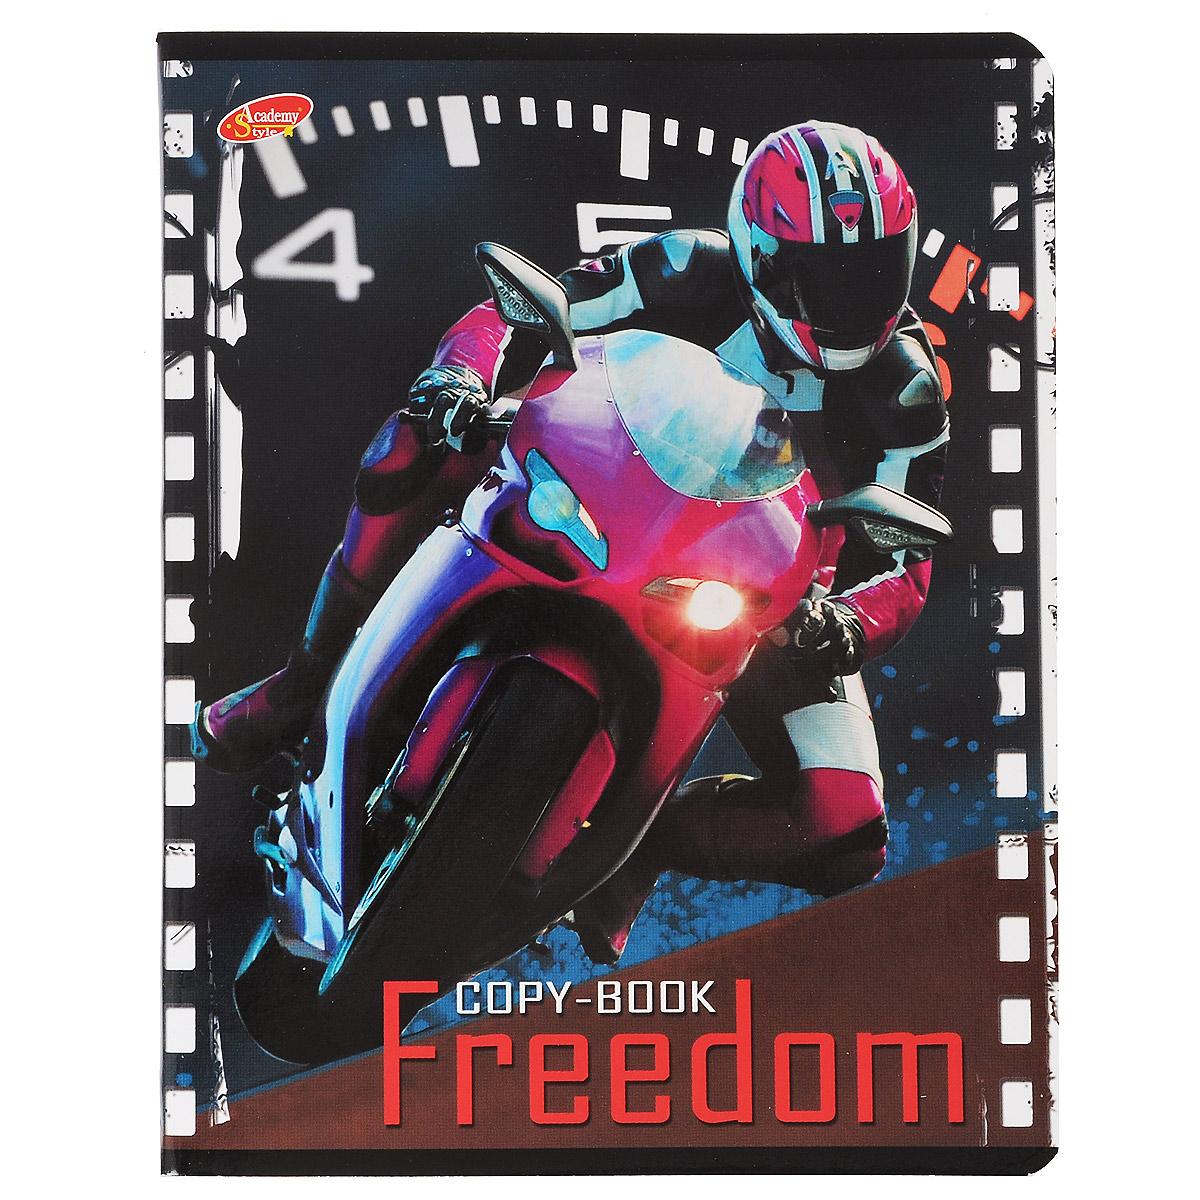 Тетрадь Freedom Мотоцикл, 80 листов, формат А5, цвет: розовый6595/5_РозовыйТетрадь в клетку Freedom Мотоцикл с красочным изображением мотоцикла на обложке подойдет как студенту, так и школьнику. Обложка тетради с закругленными углами выполнена из картона. Внутренний блок состоит из 80 листов белой бумаги. Стандартная линовка в клетку дополнена полями, совпадающими с лицевой и оборотной стороны листа.